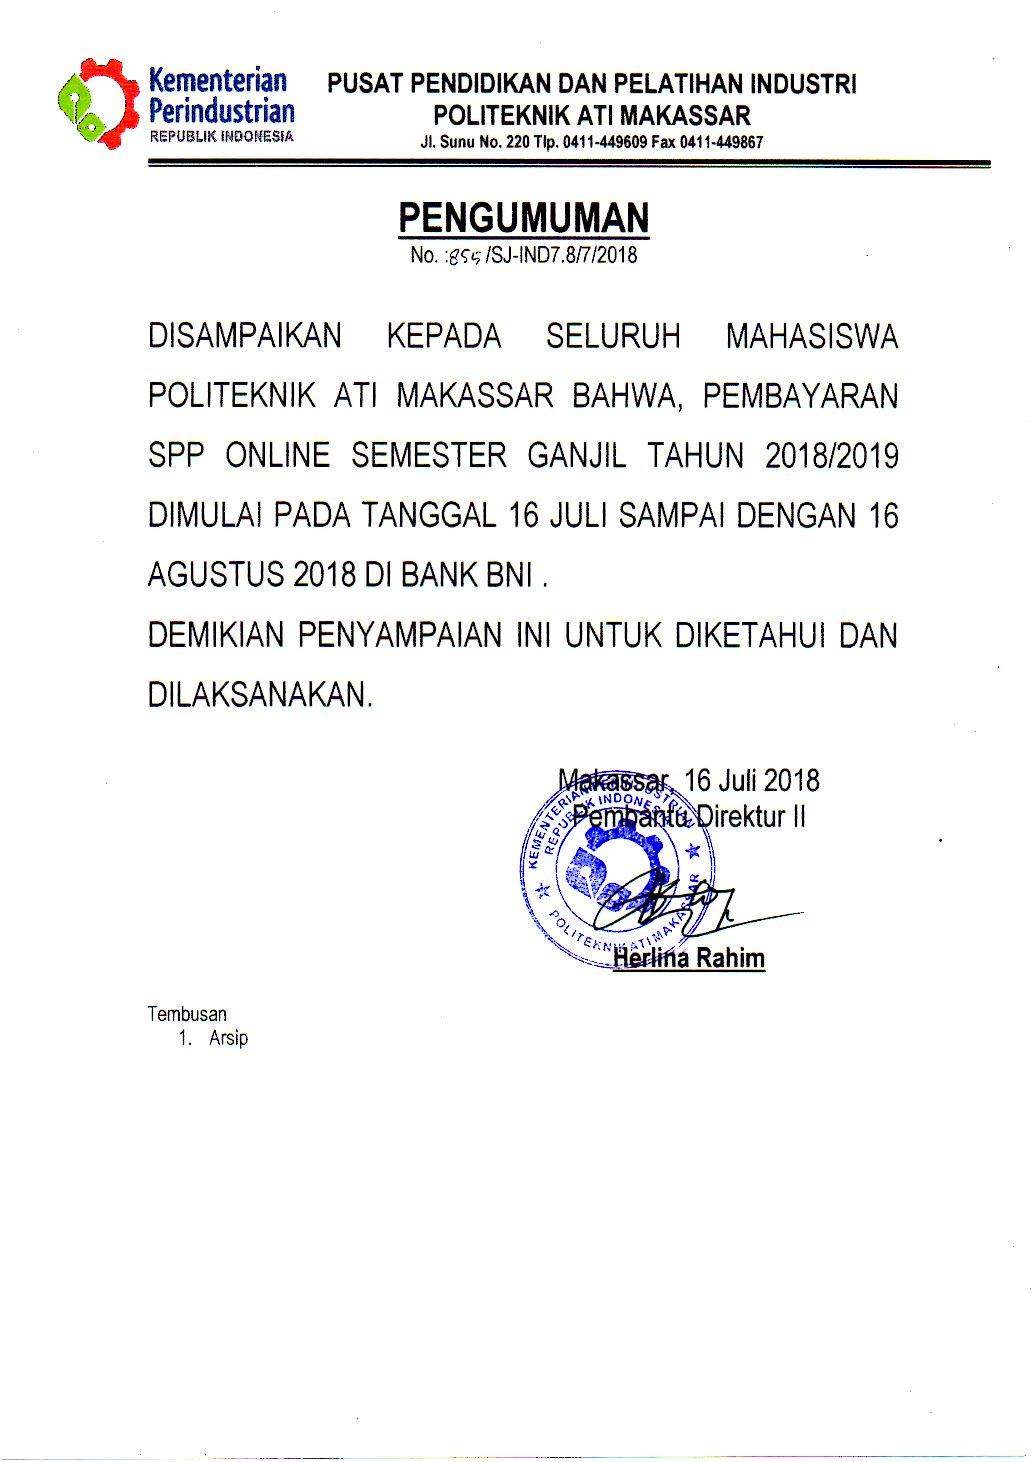 Pembayaran SPP Online Semester Ganjil Tahun 2018/2019